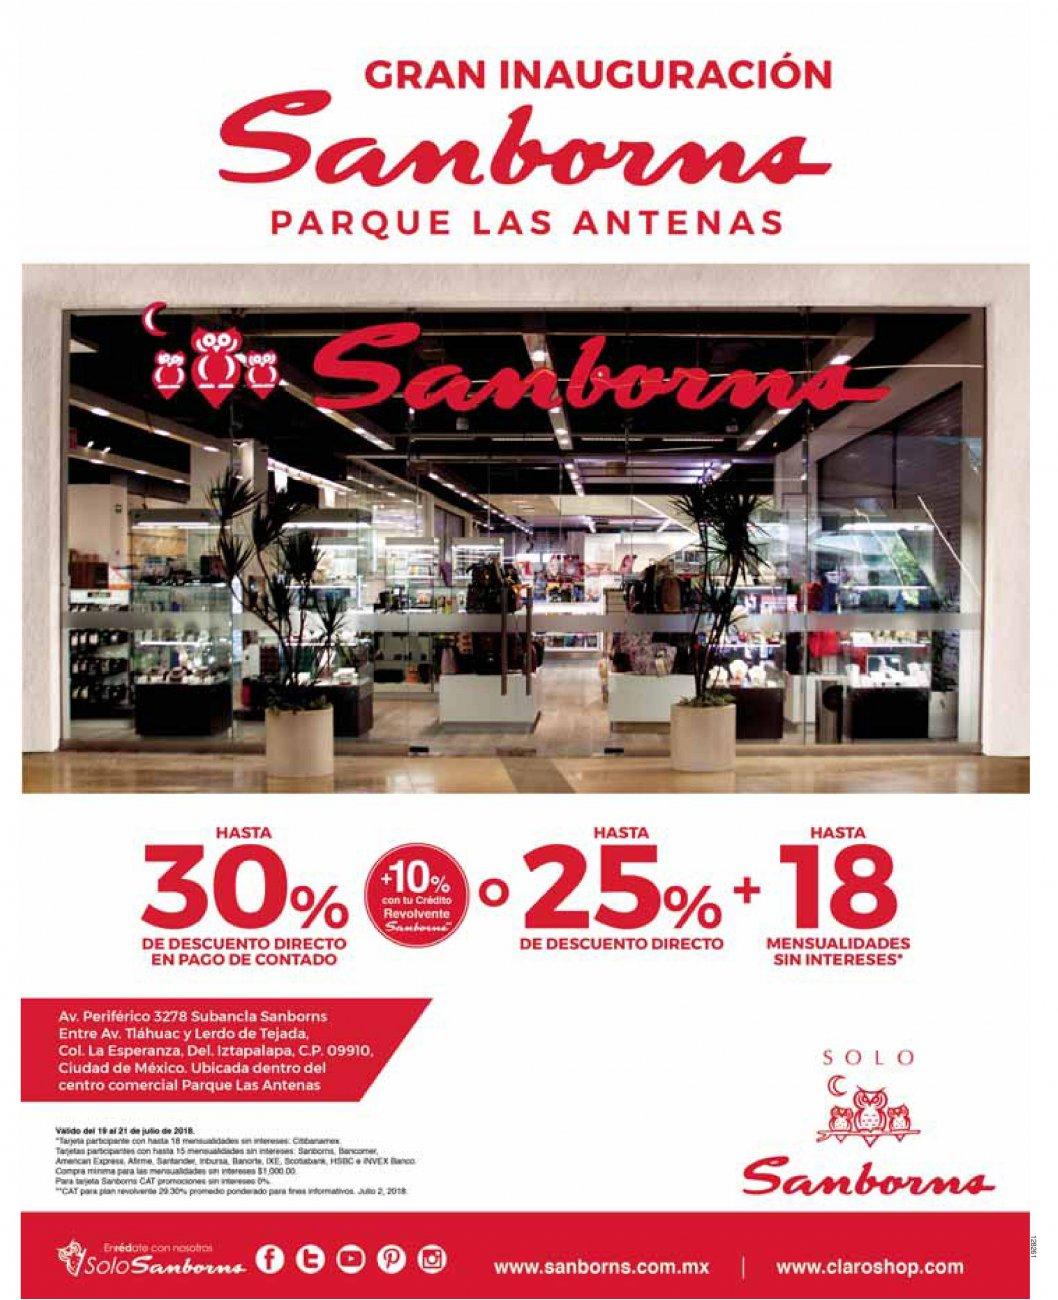 Sanborns Parque Las Antenas CDMX: Hoy Gran Apertura: Hasta 30% desc. directo + 10% con crédito revolvente Sanborns ó hasta 25% desc. directo + hasta 18 MSI